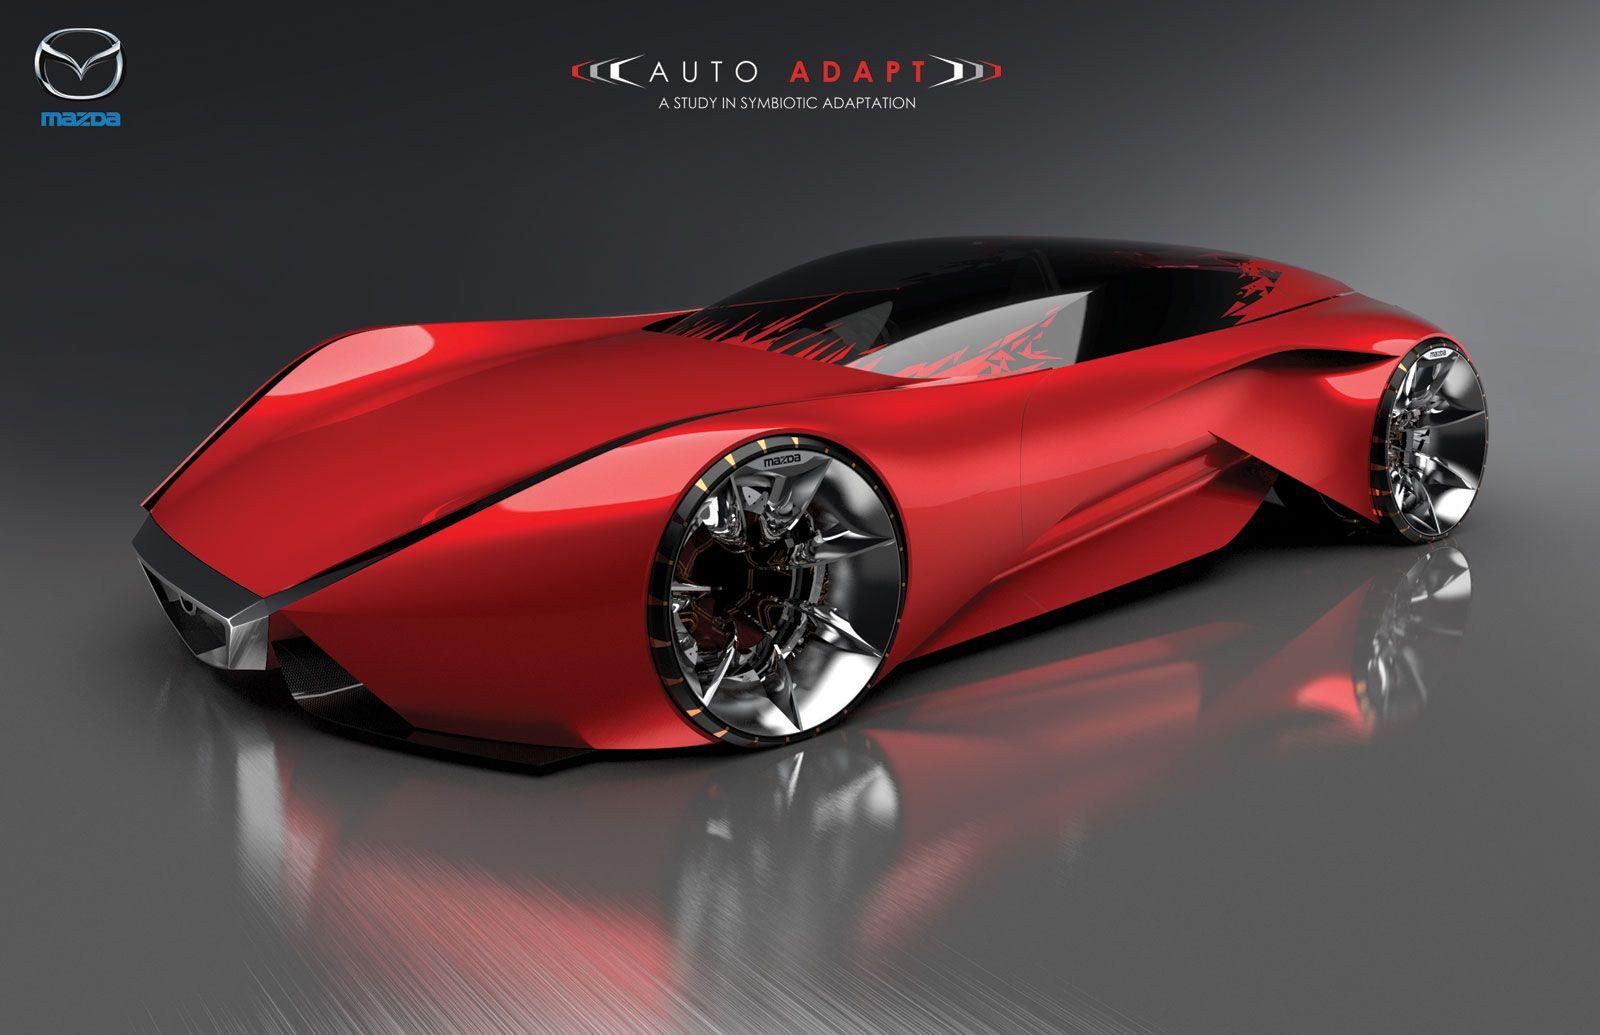 Mazda Auto Adapt Concept Car Body Design Concept Cars Mazda Futuristic Cars